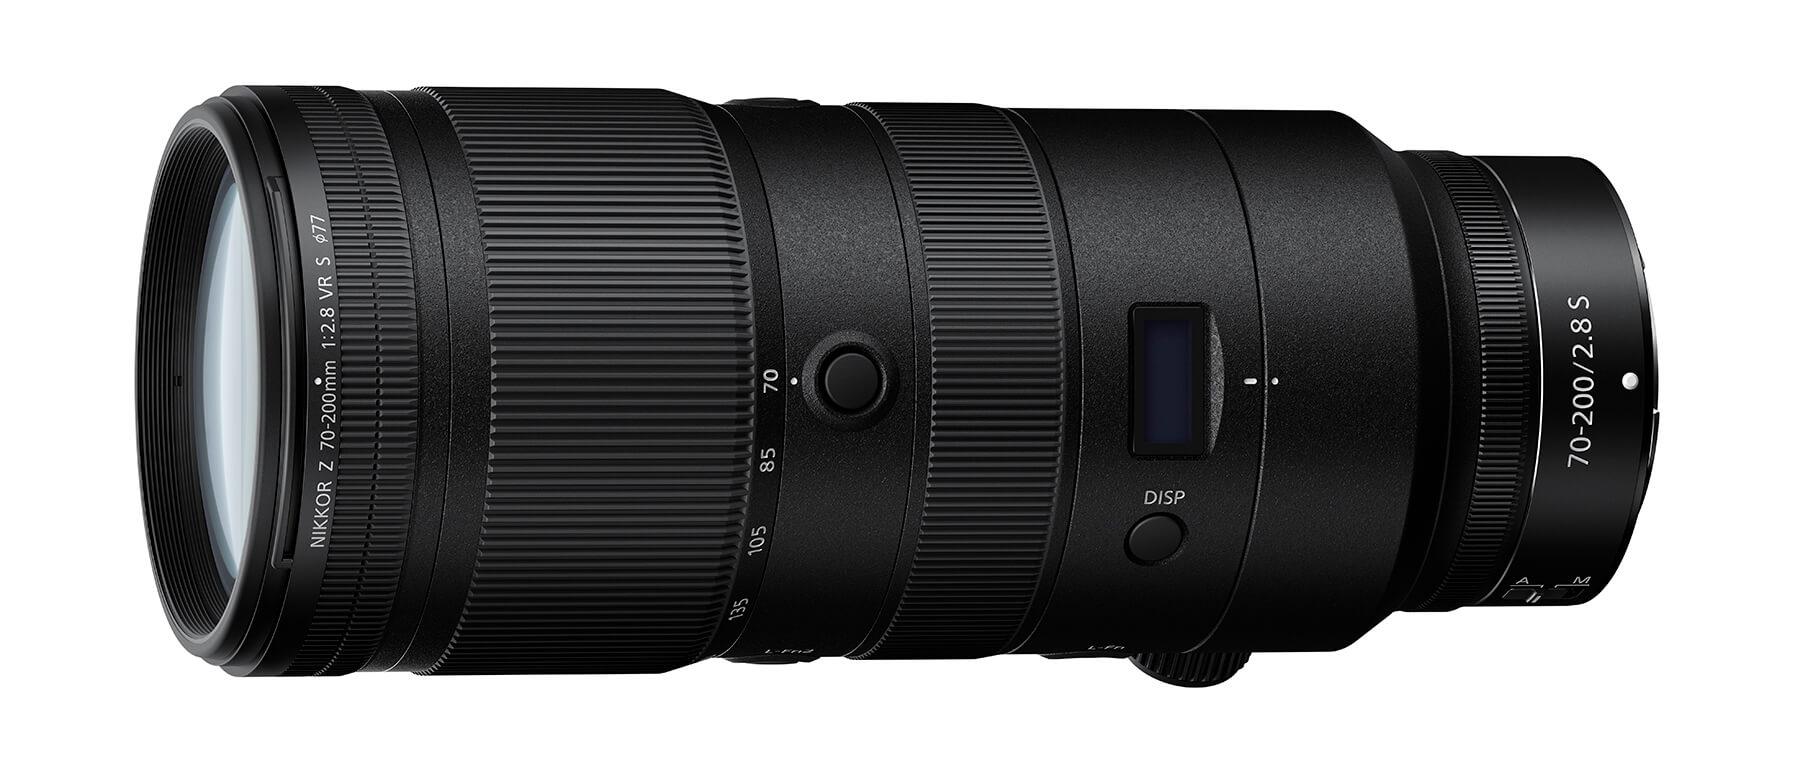 Nikon 70-200mm f/2.8 Z VR S